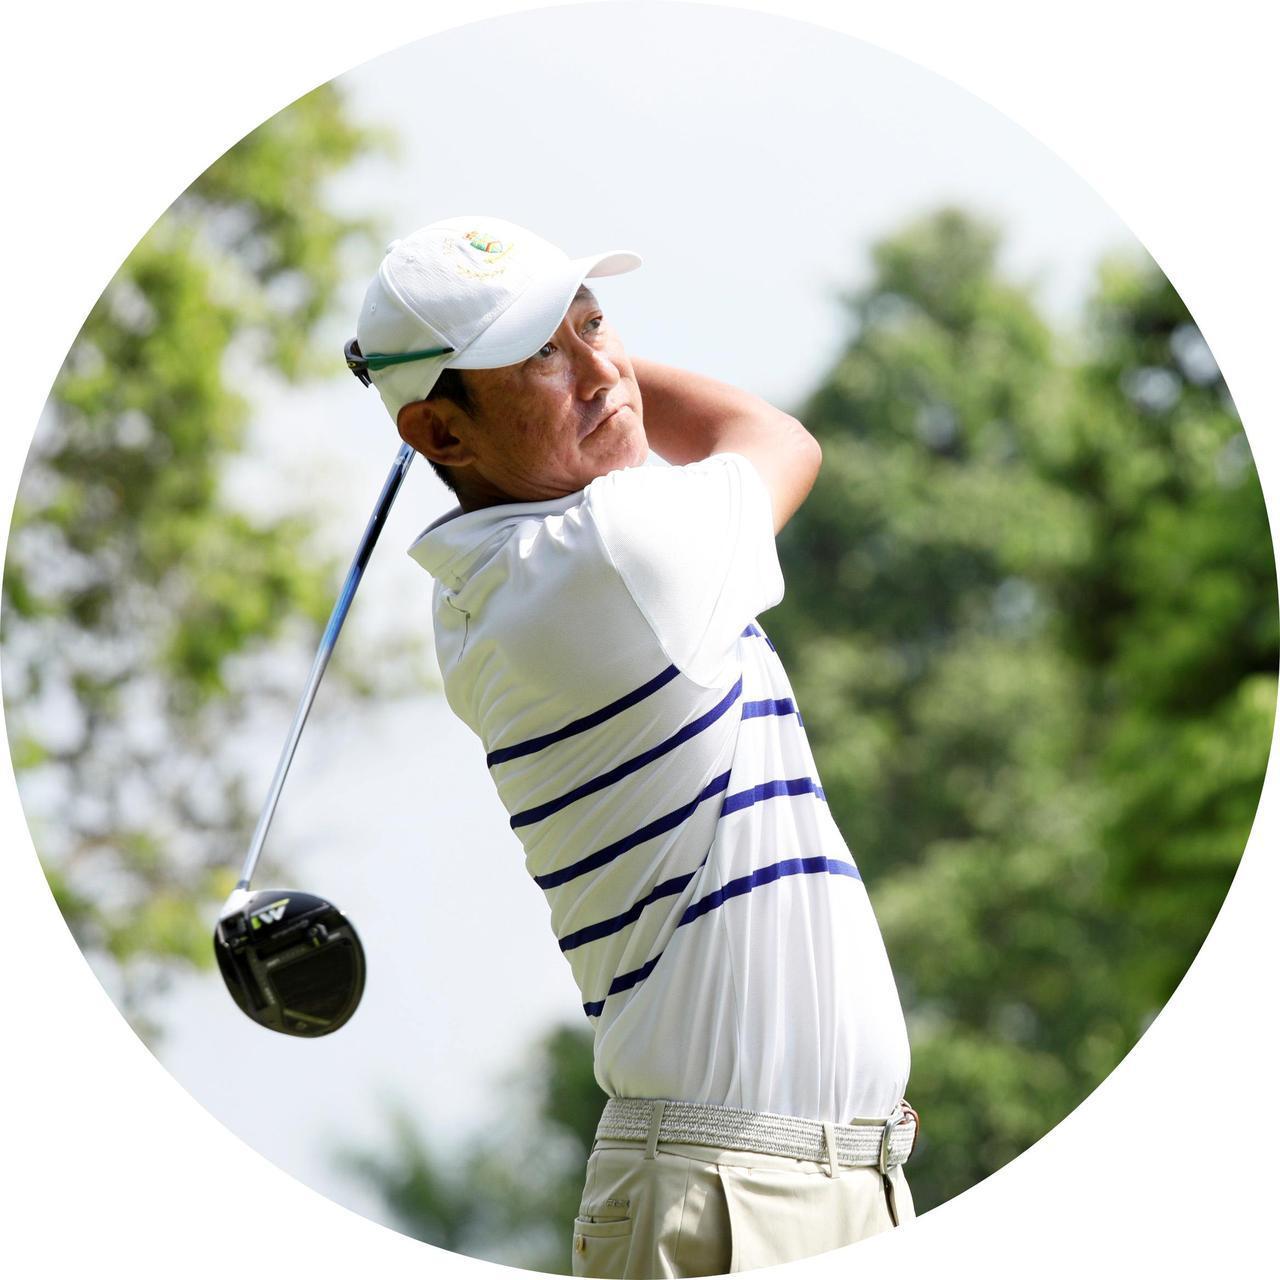 画像: 鈴木一郎さん 父の仕事の関係でマレーシアで育ち、日本の大学を卒業して商社に勤めたのち、マレーシアに戻って企業。ゴルフ関係の事業も手掛ける